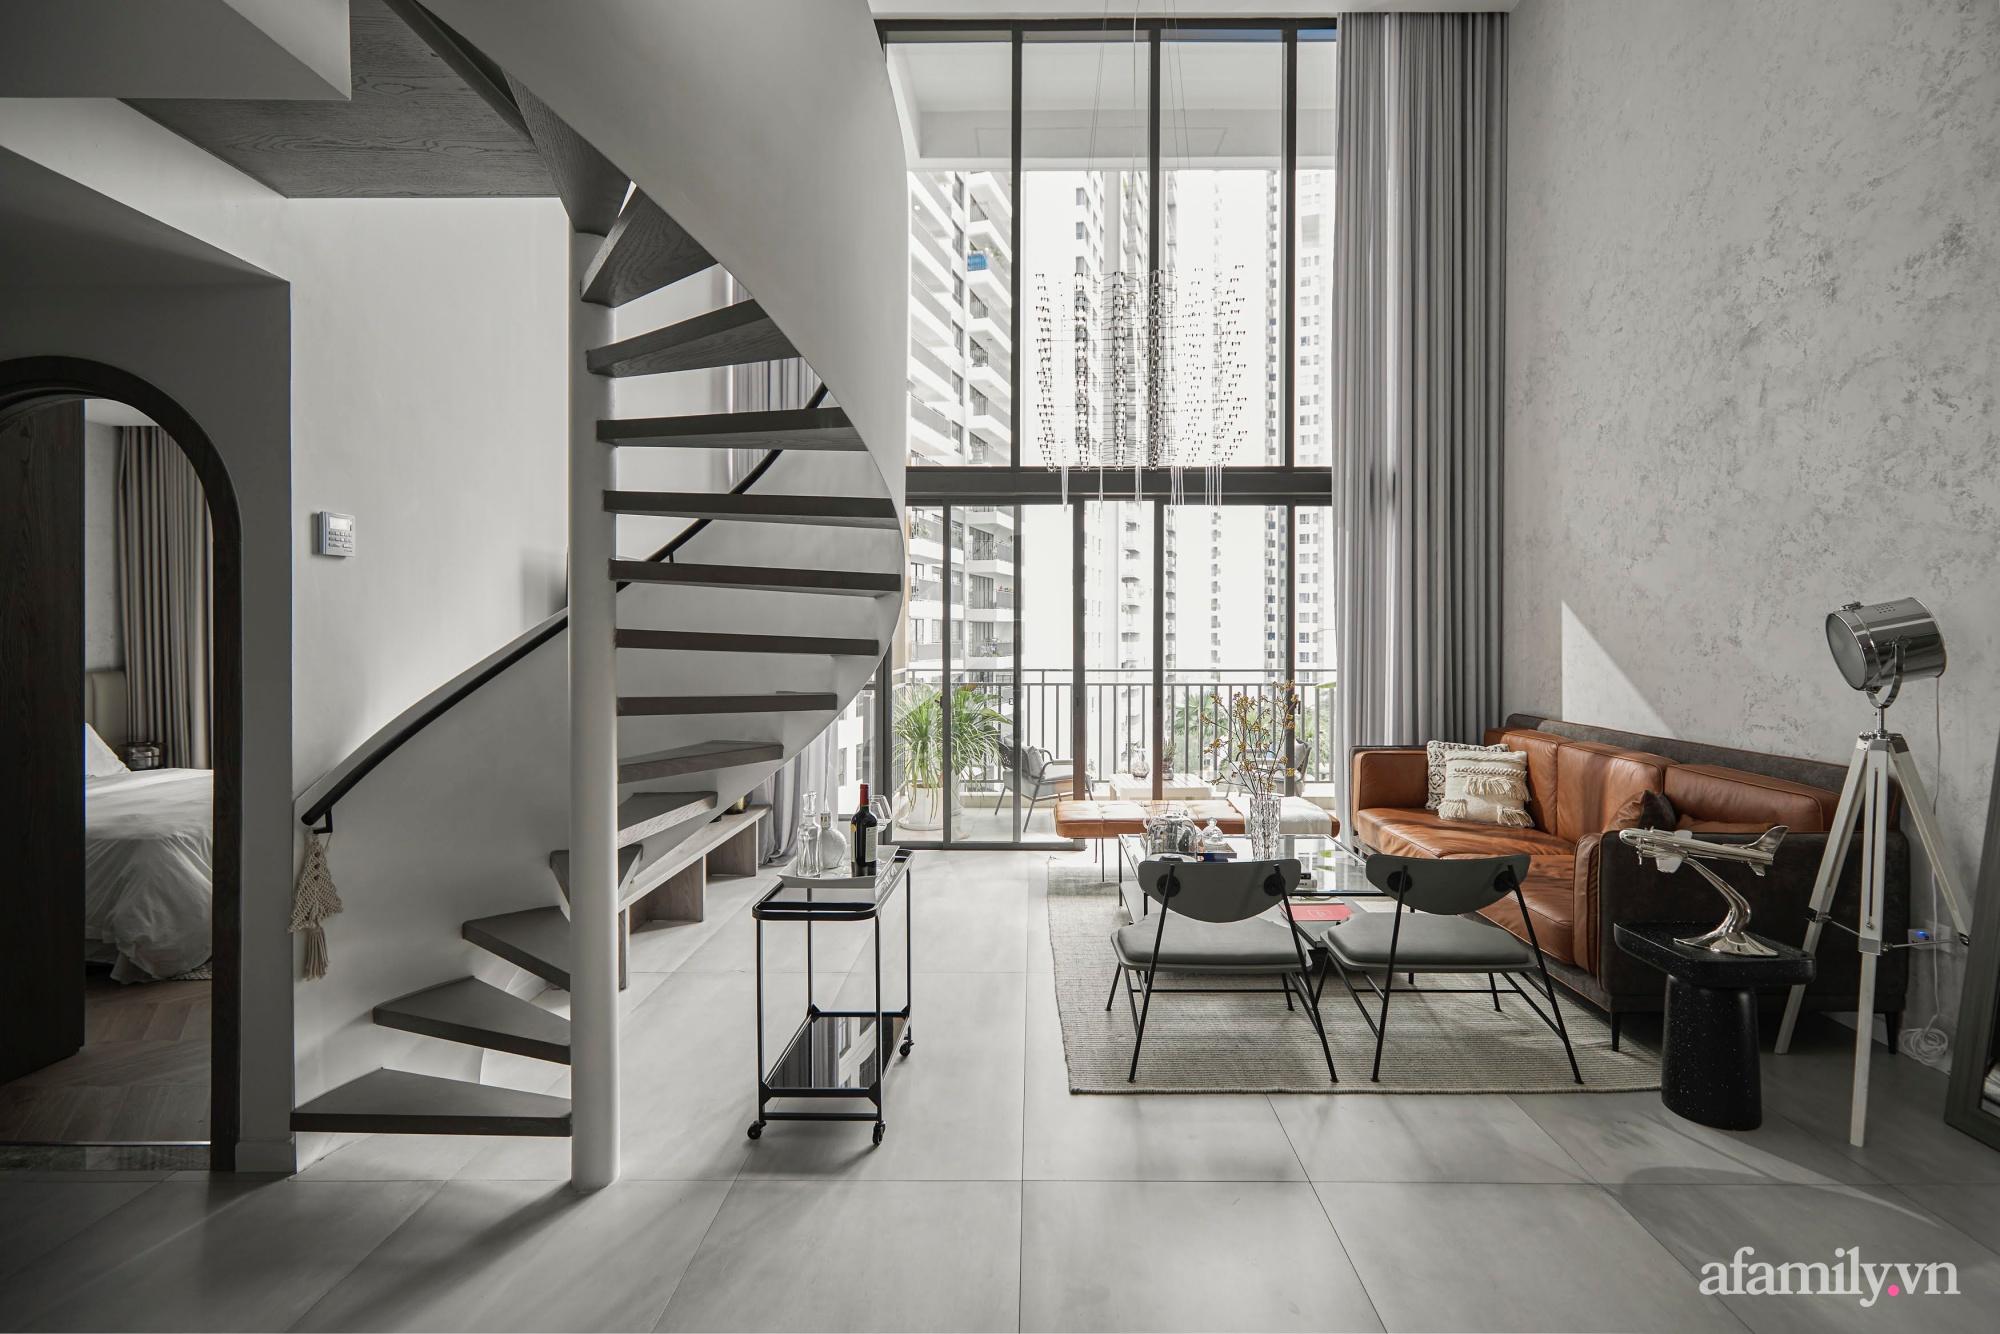 Căn hộ 2 tầng rộng 145m² đẹp sang trọng với điểm nhấn mộc mạc từ chất liệu bê tông ở Sài Gòn - Ảnh 1.